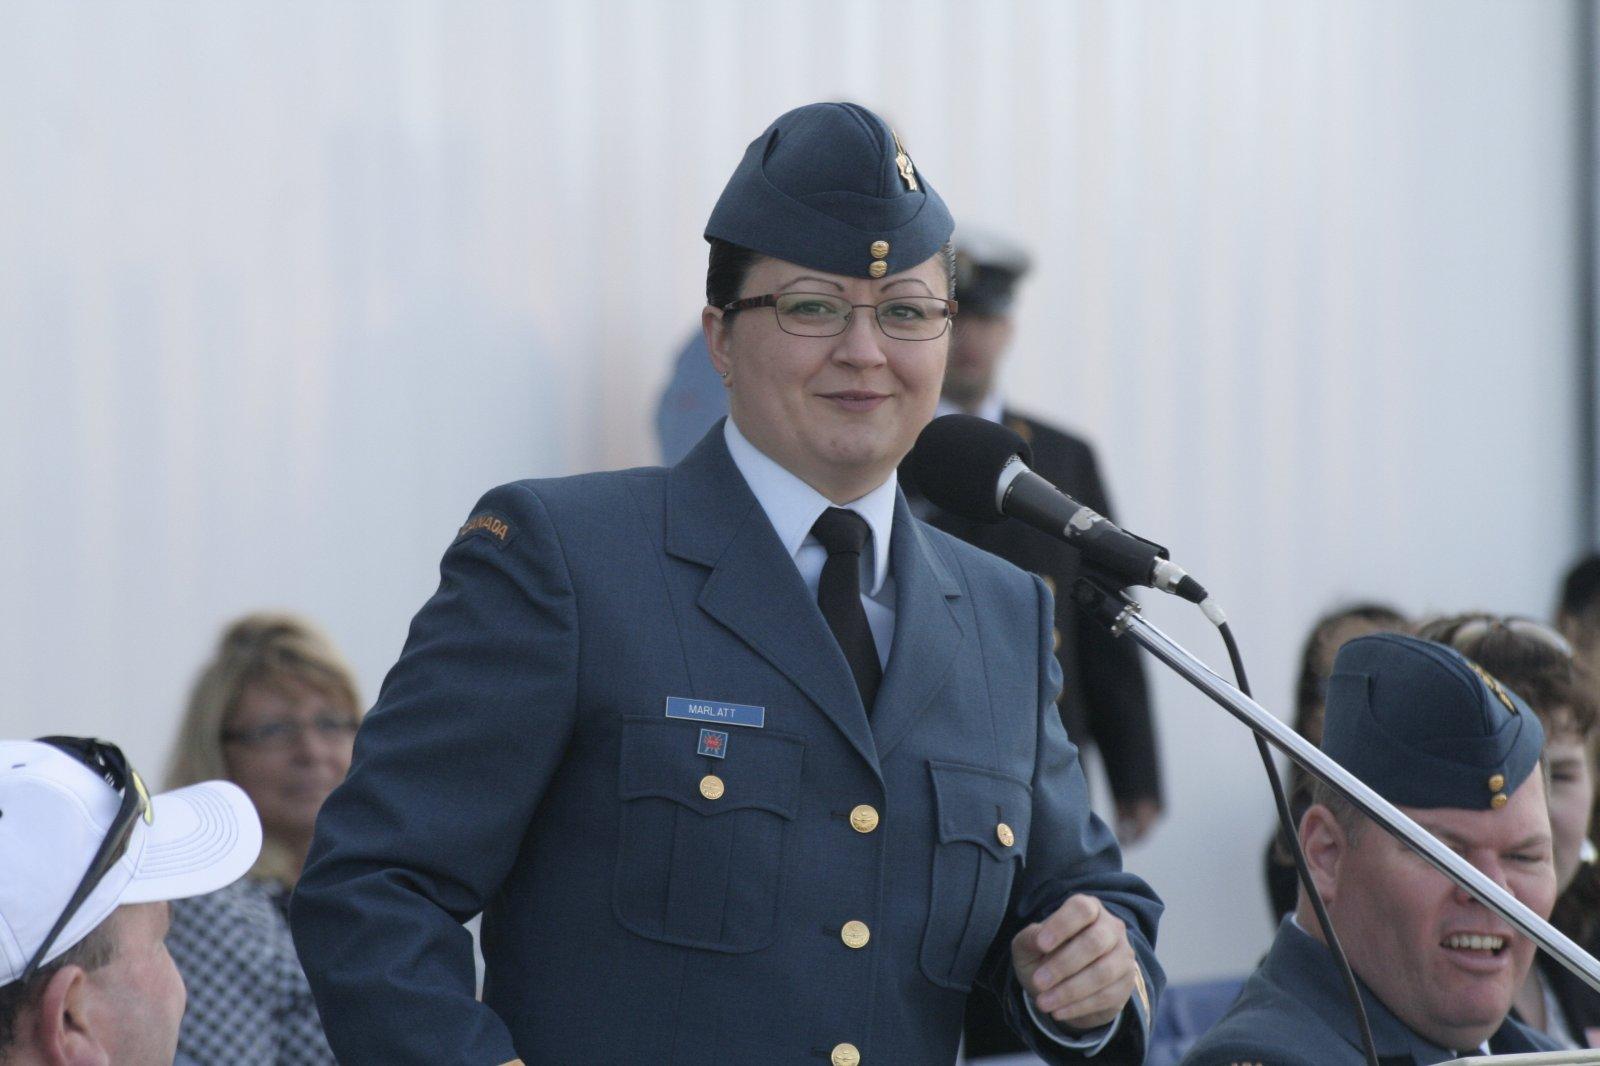 Major Marlatt